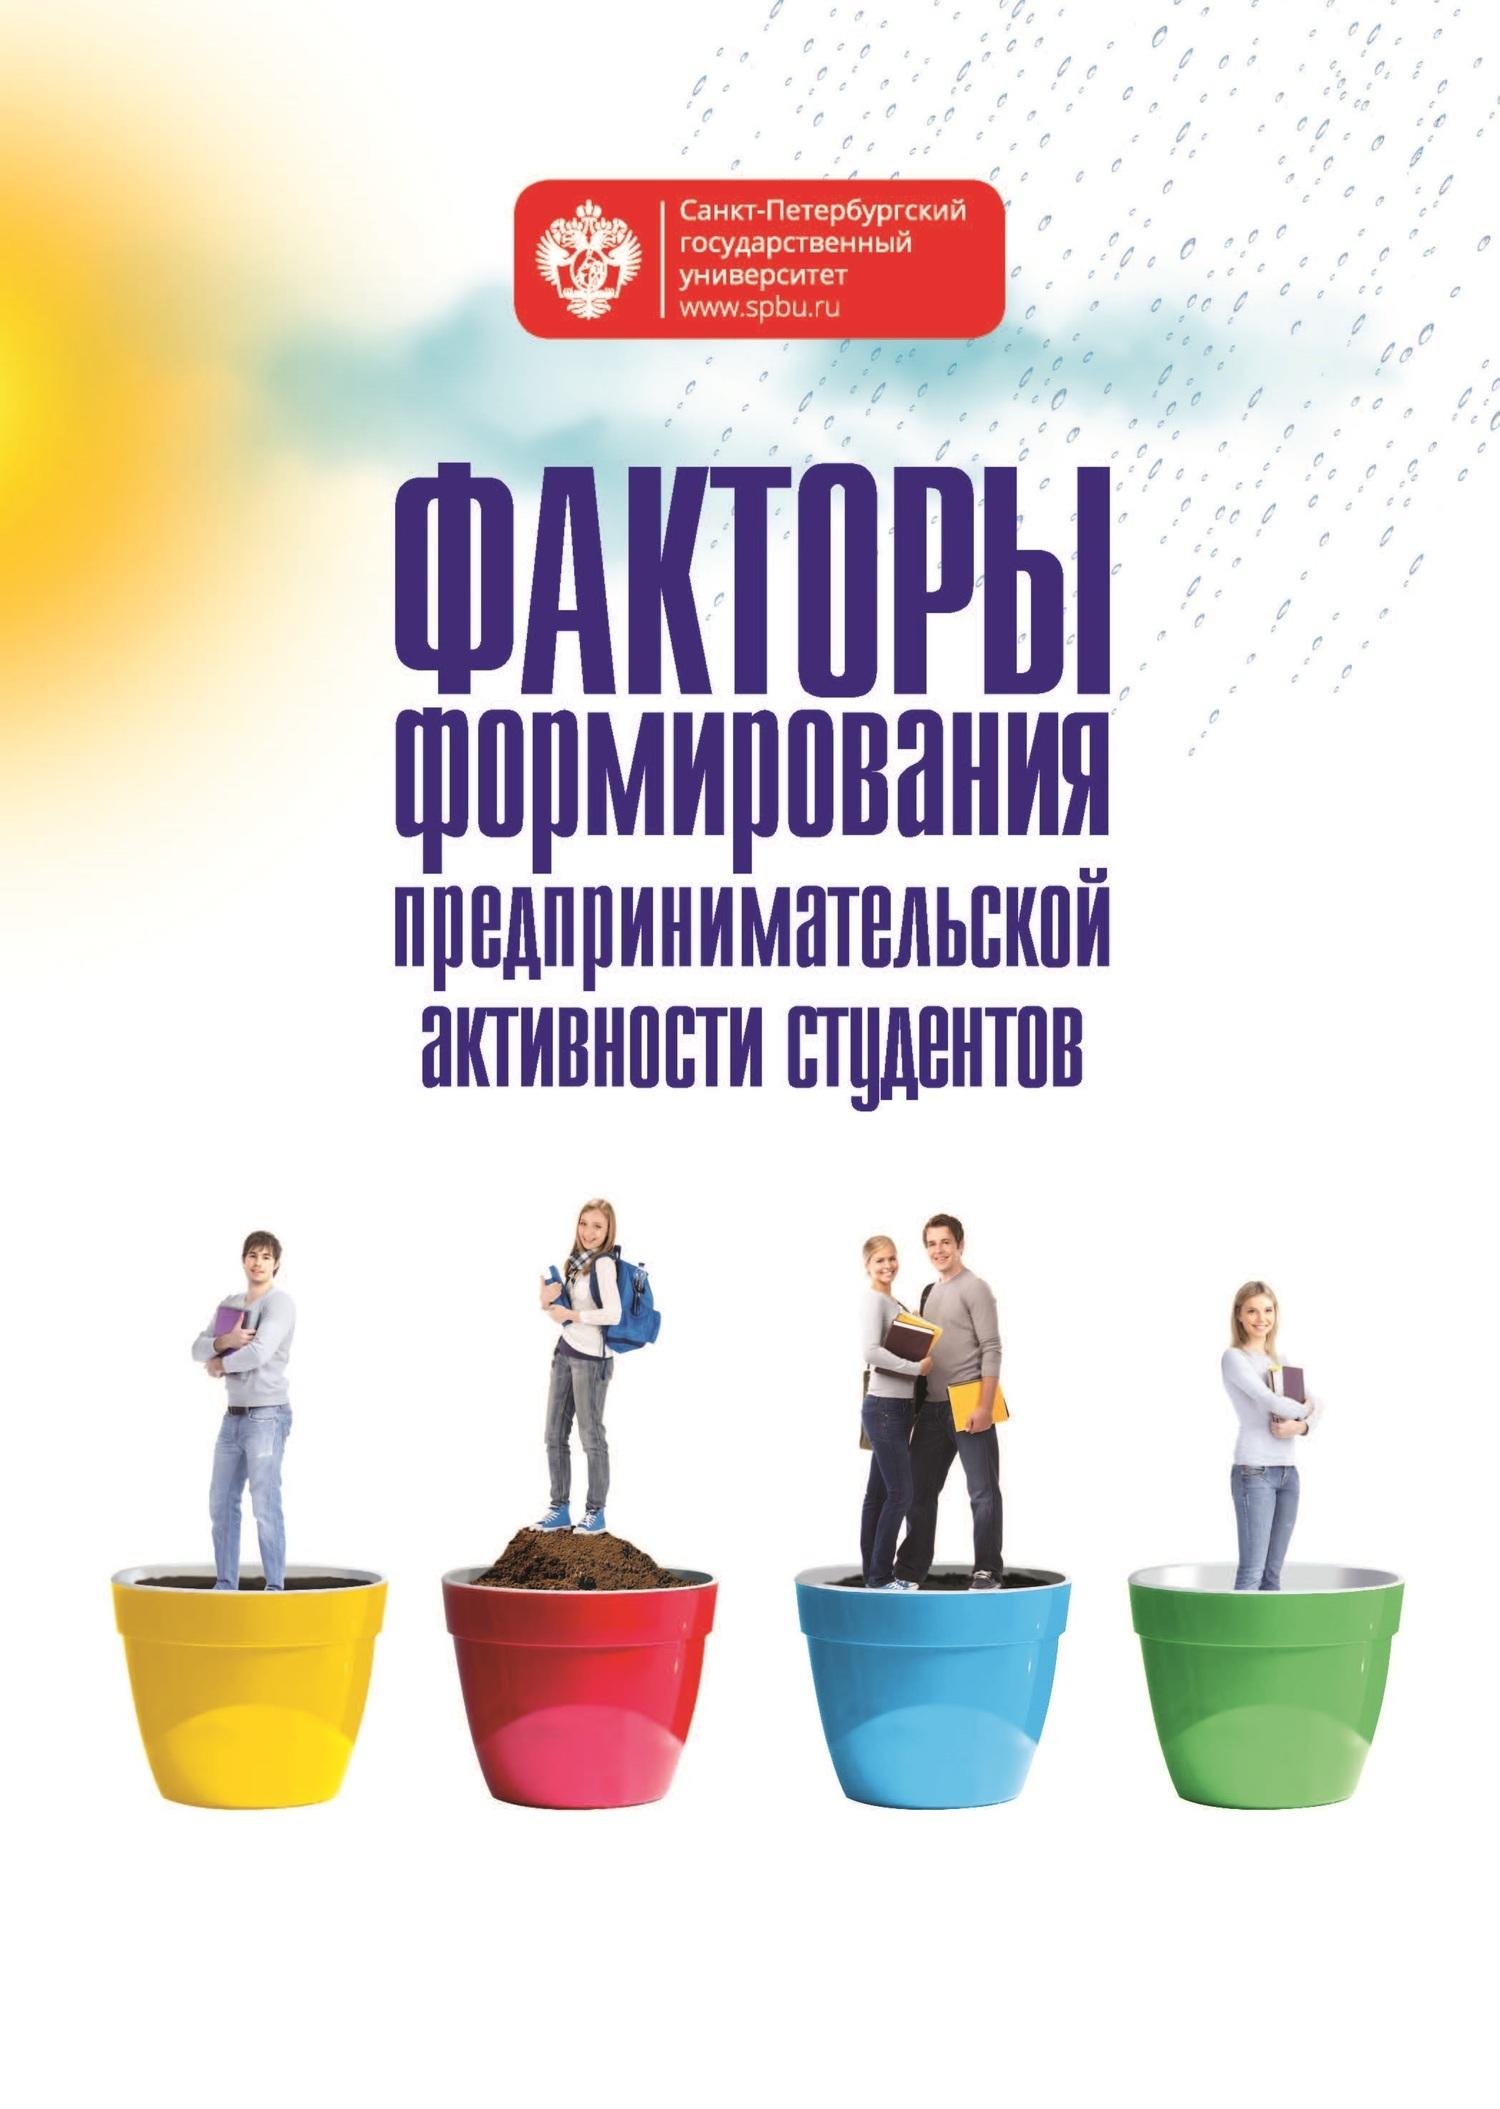 Коллектив авторов. Факторы формирования предпринимательской активности студентов